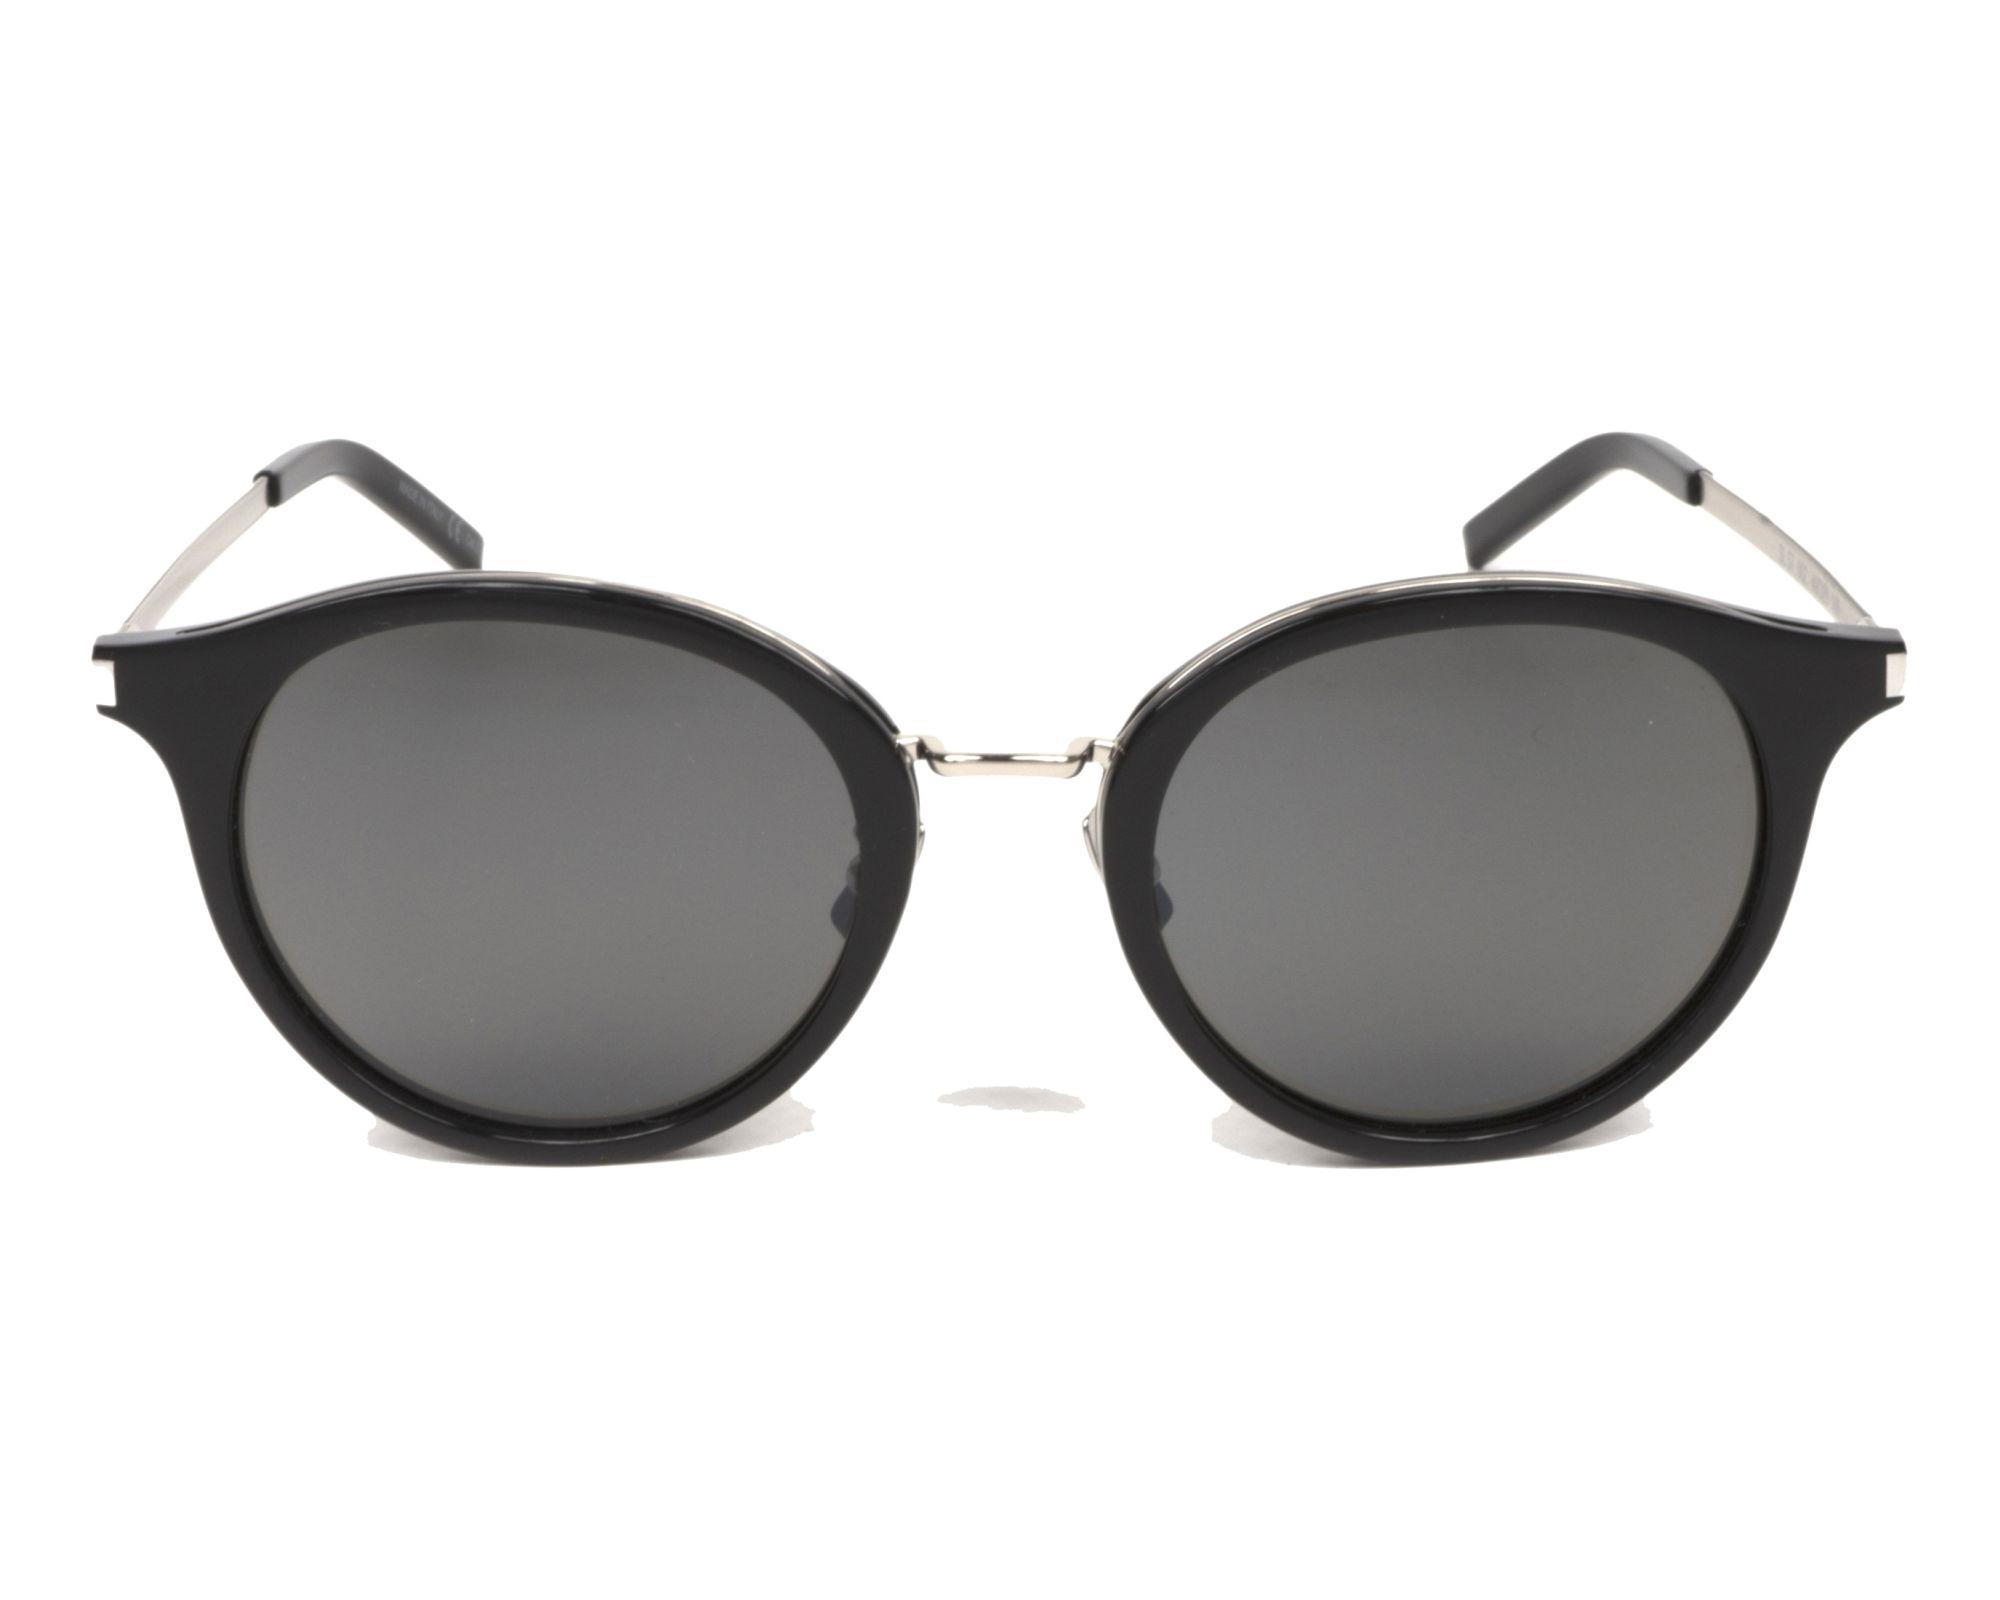 lunettes de soleil yves saint laurent sl 57 002 noir avec